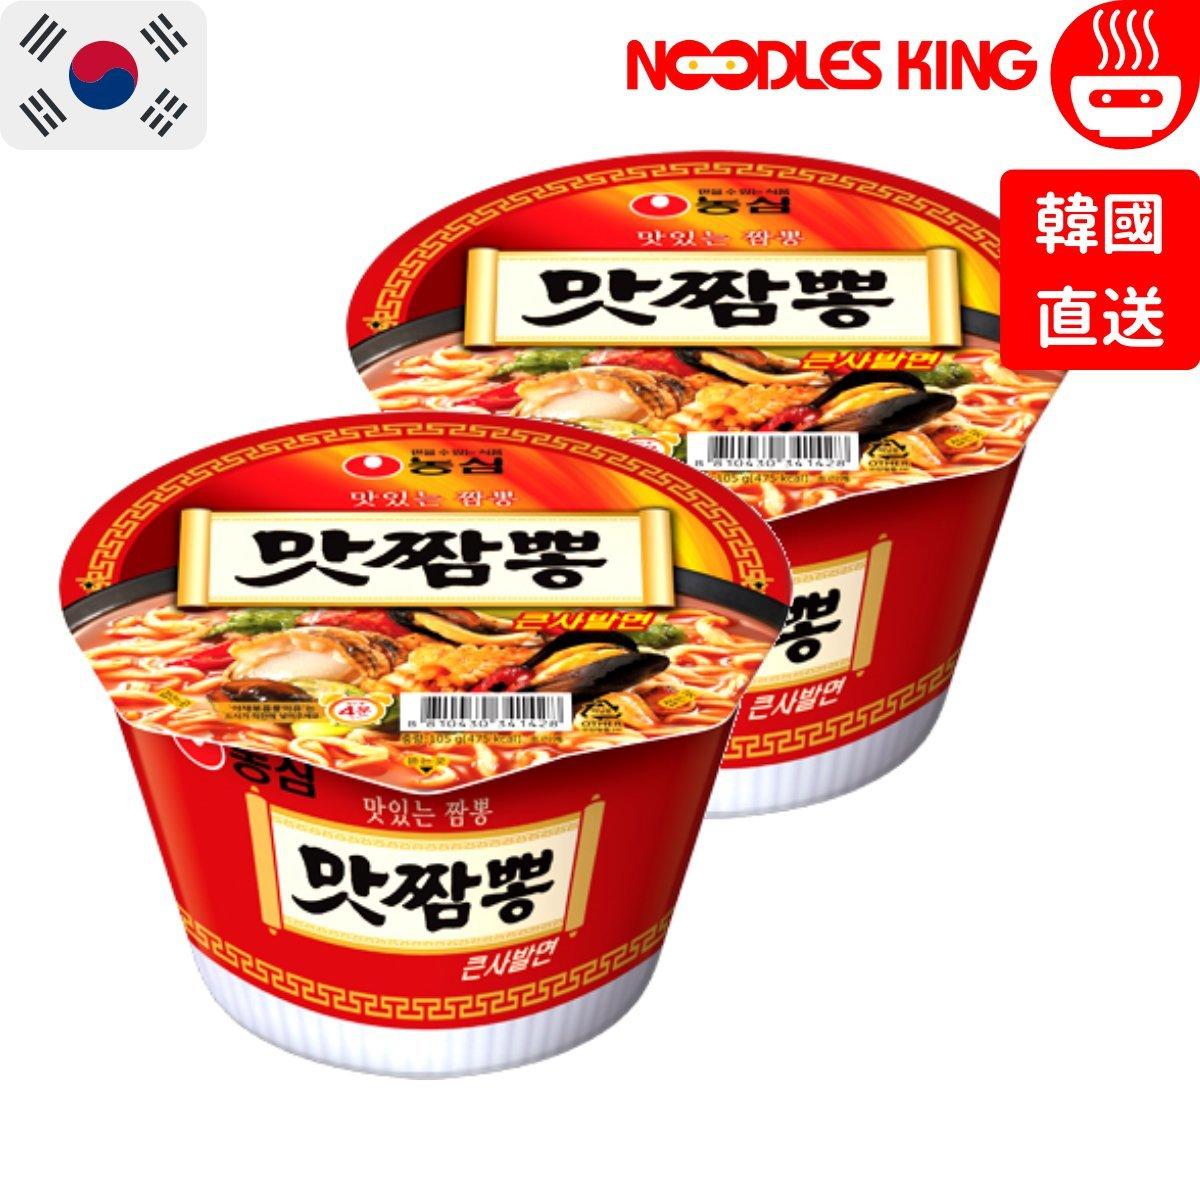 韓國辣海鮮湯麵 大碗裝 105g x 2